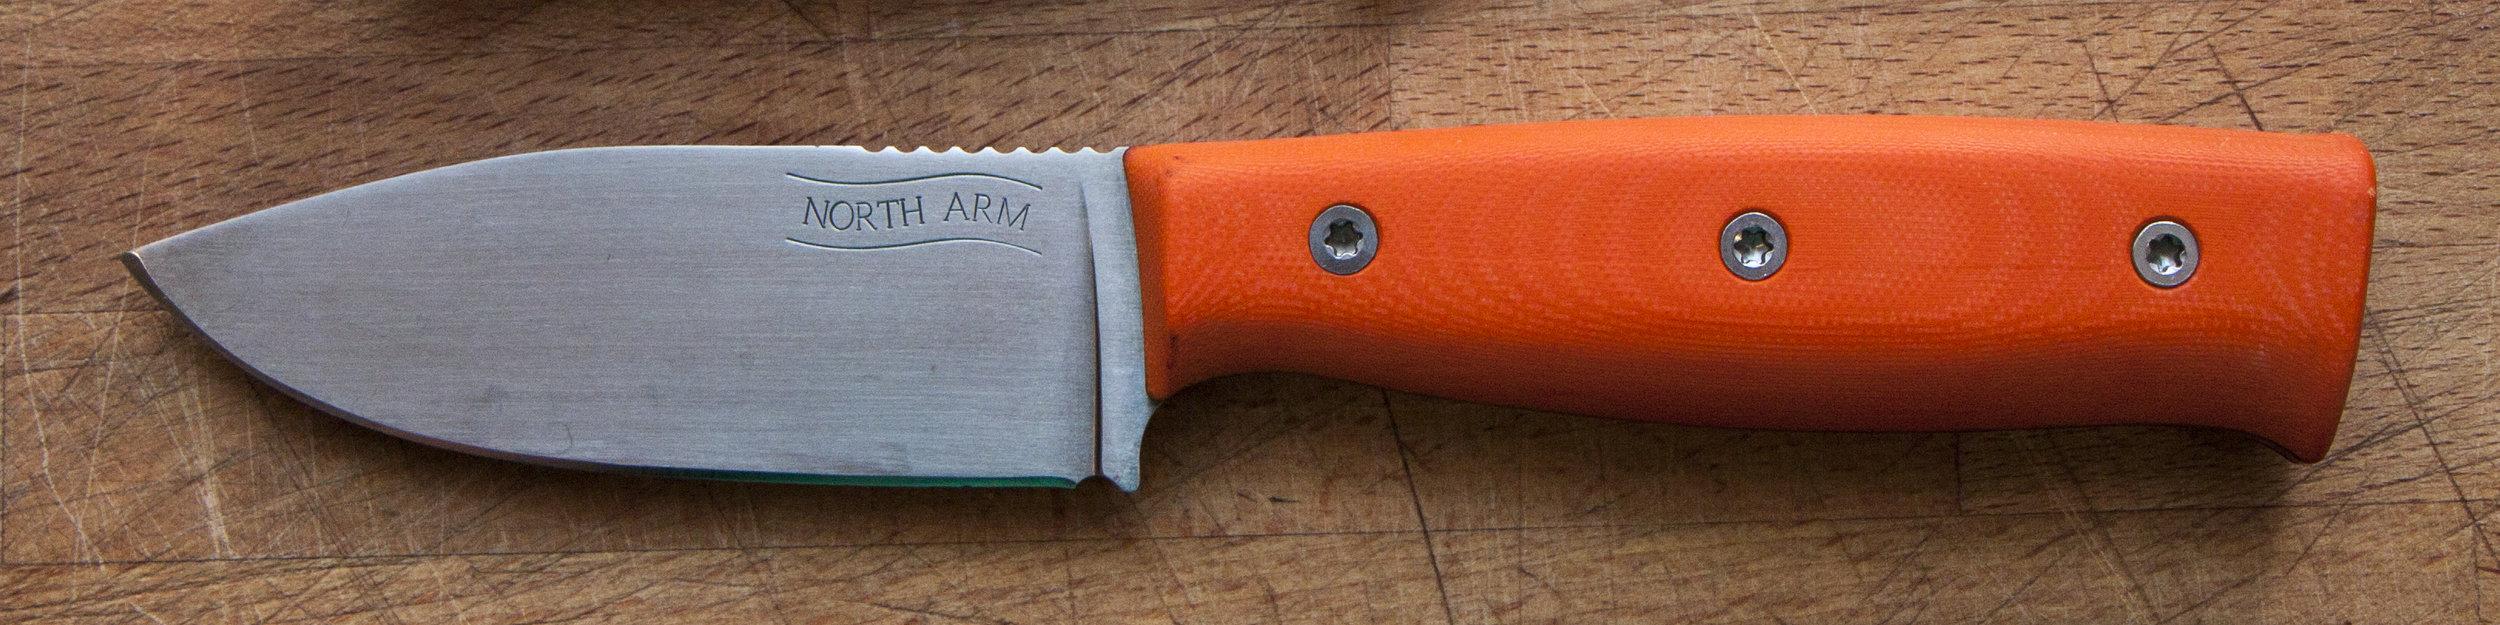 North Arm Lynx Knife